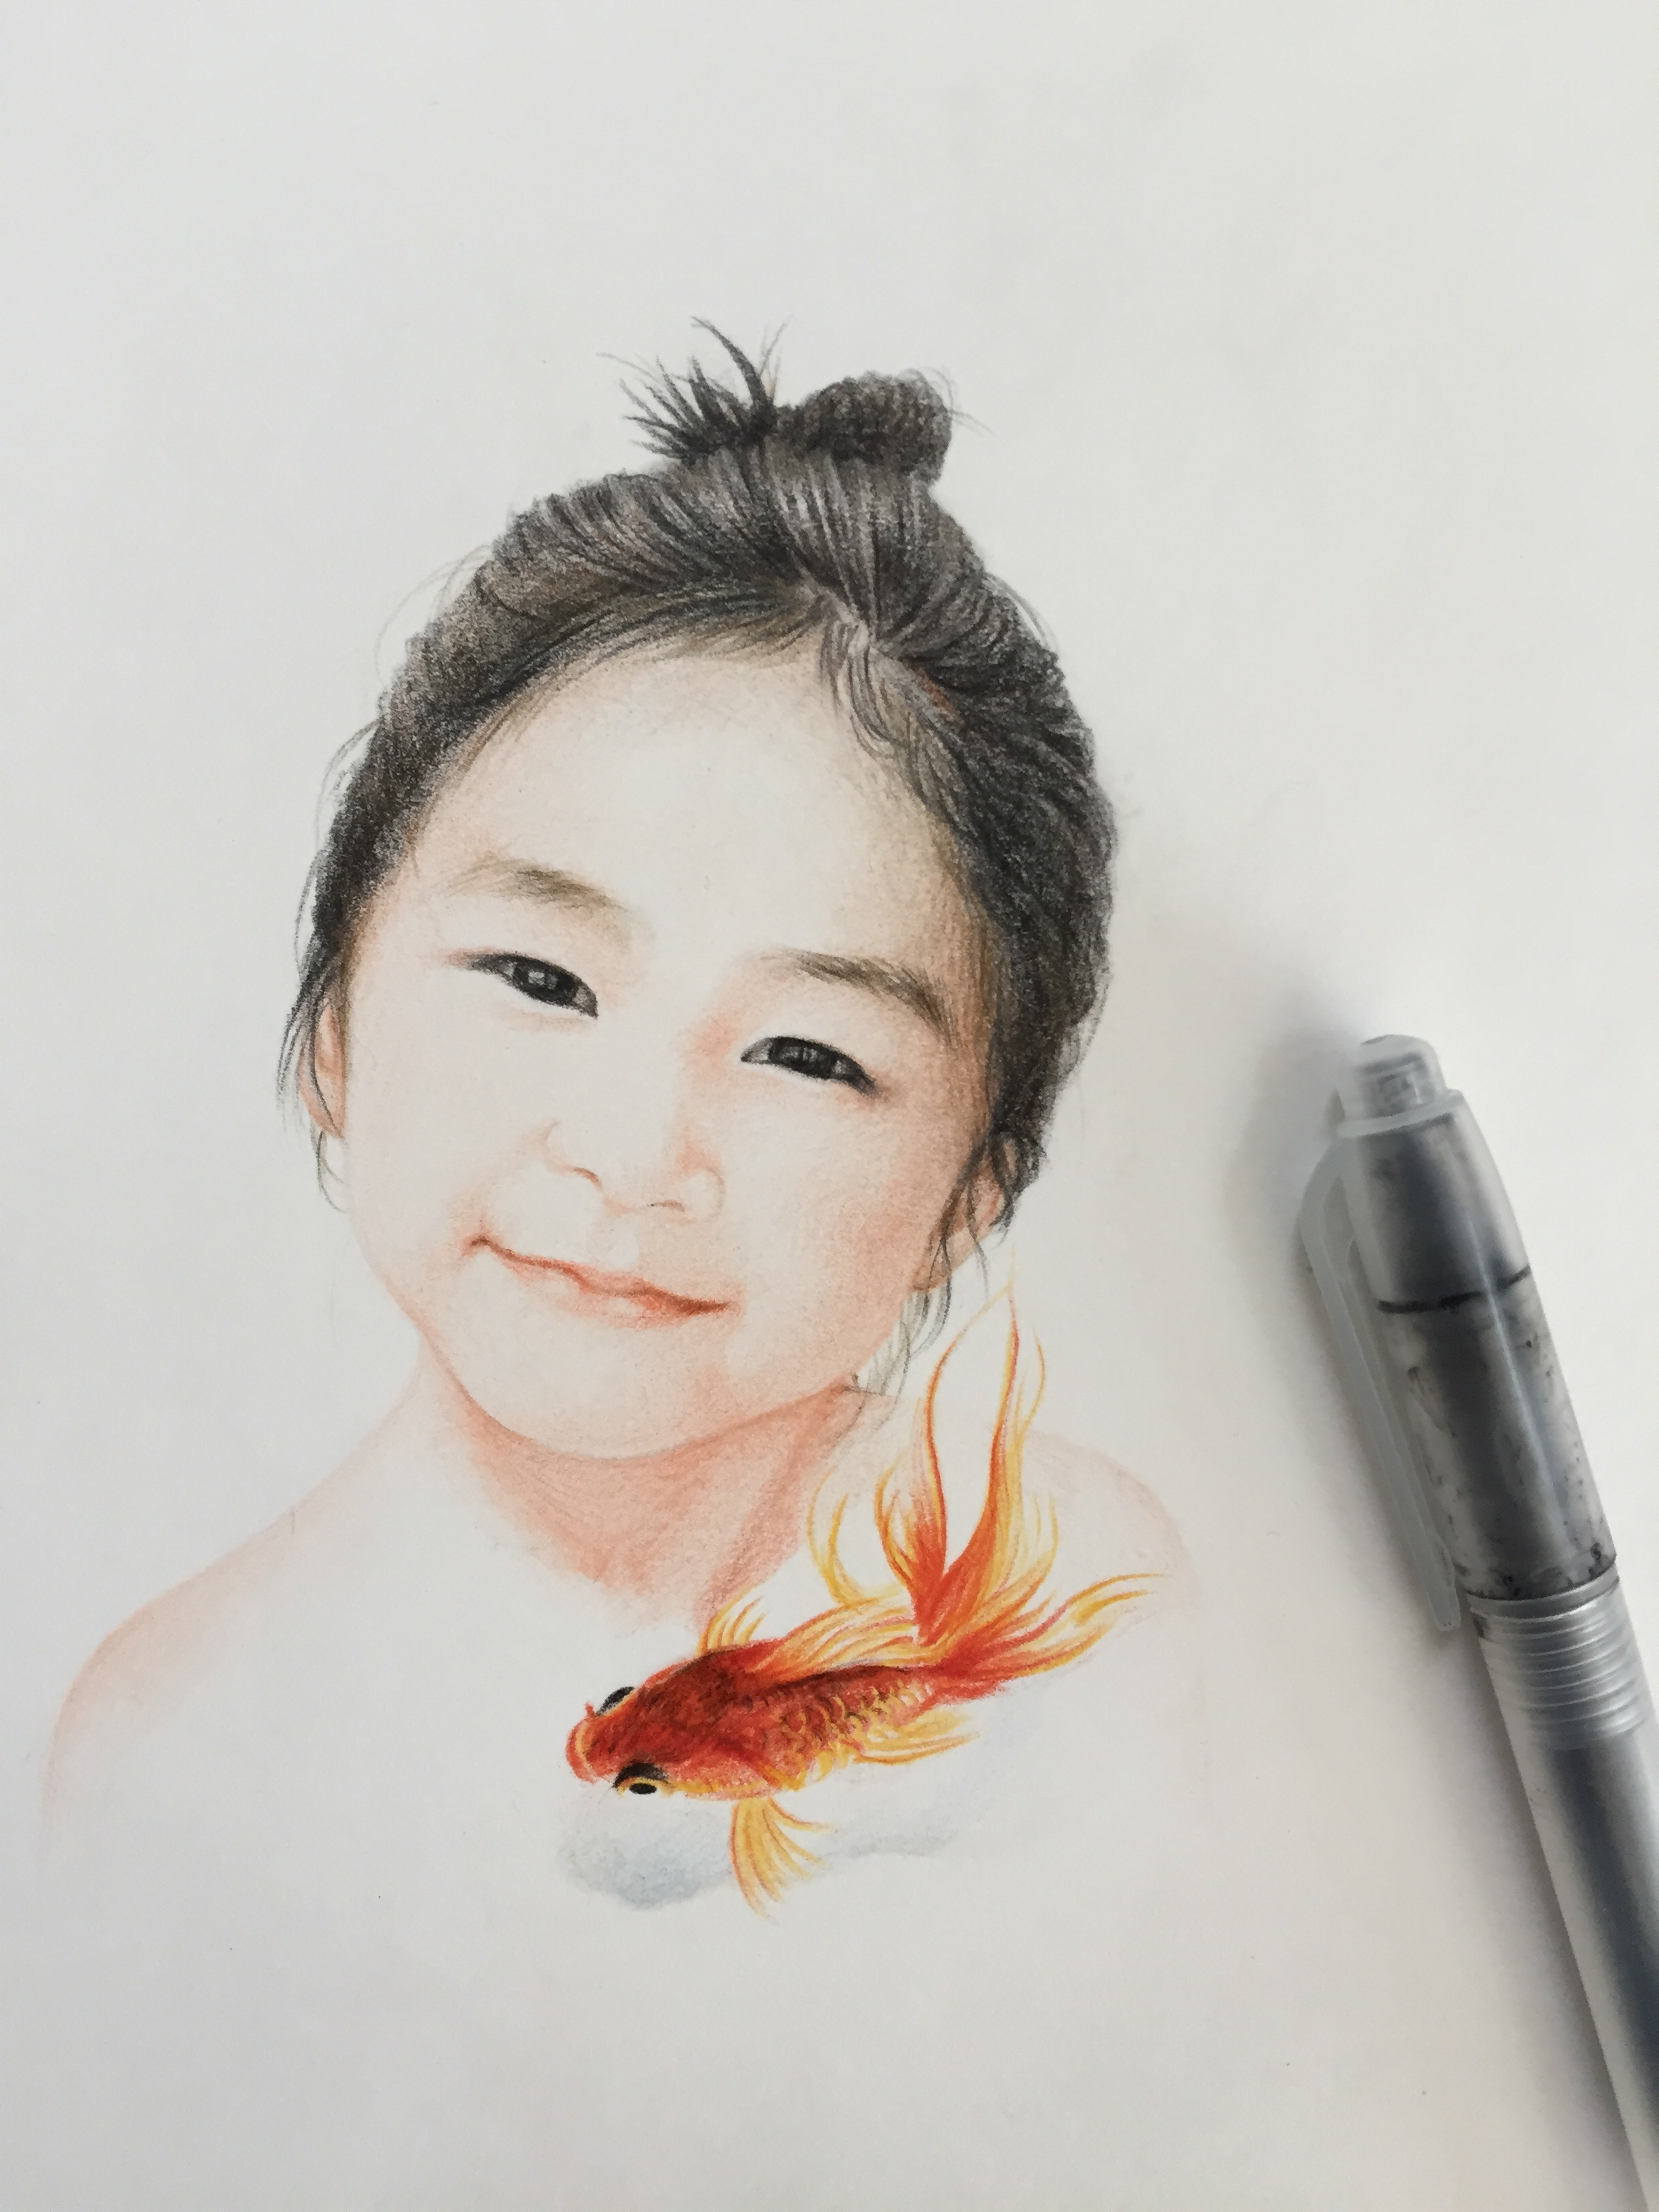 彩铅肖像画素描手绘小朋友